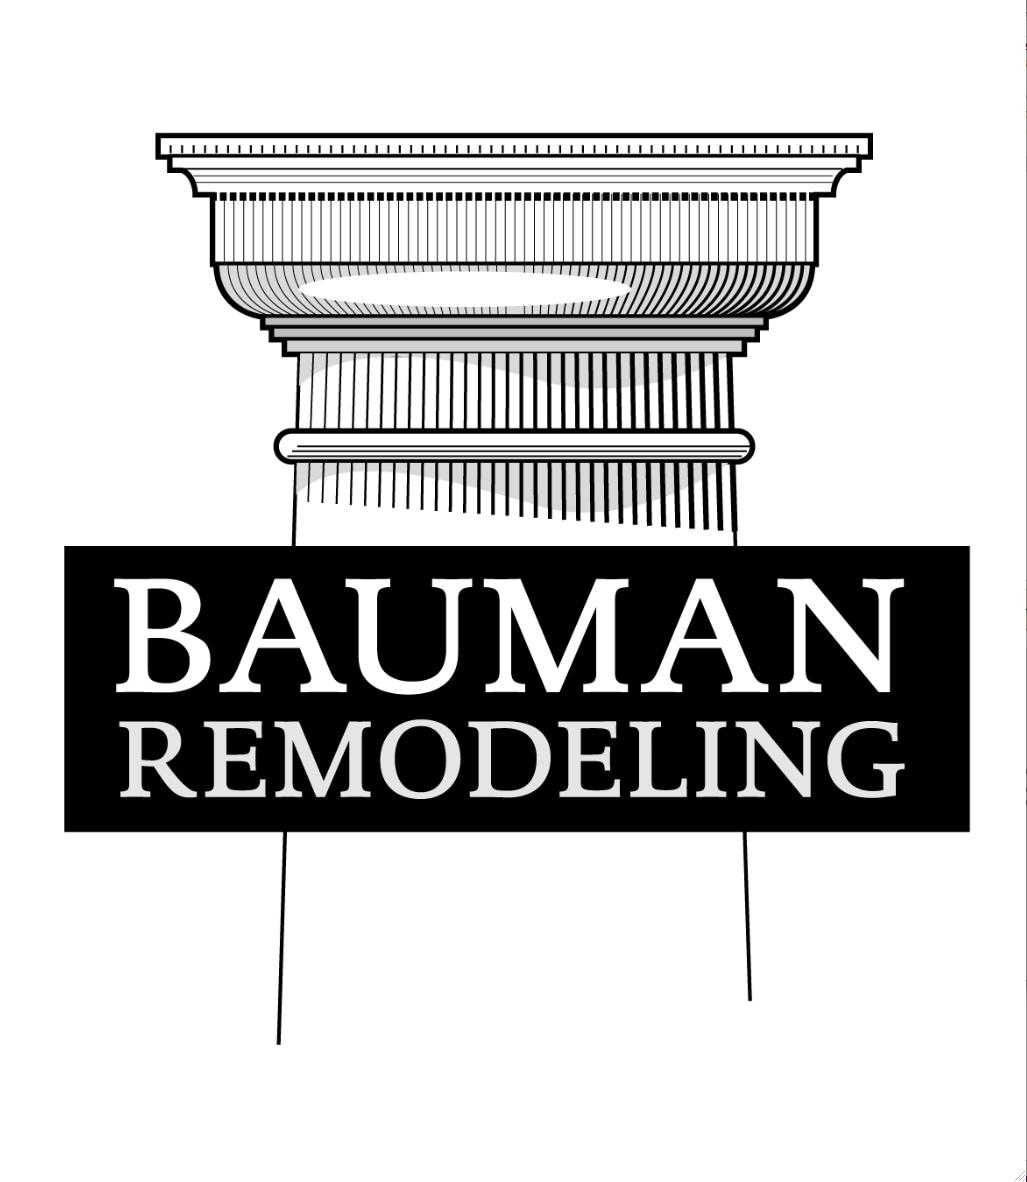 Bauman Remodeling logo